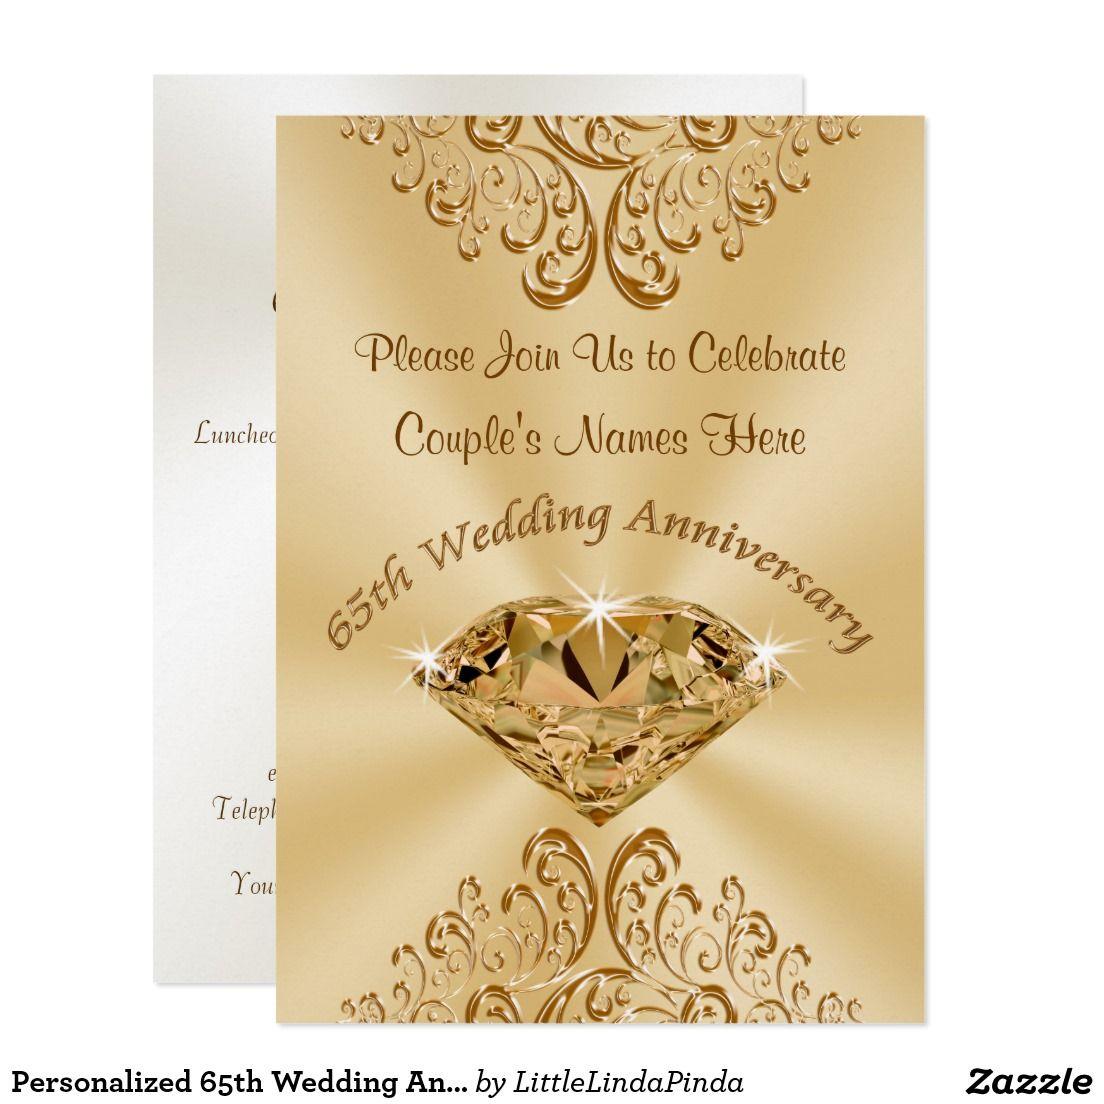 Personalized 65th Wedding Anniversary Invitations Zazzle